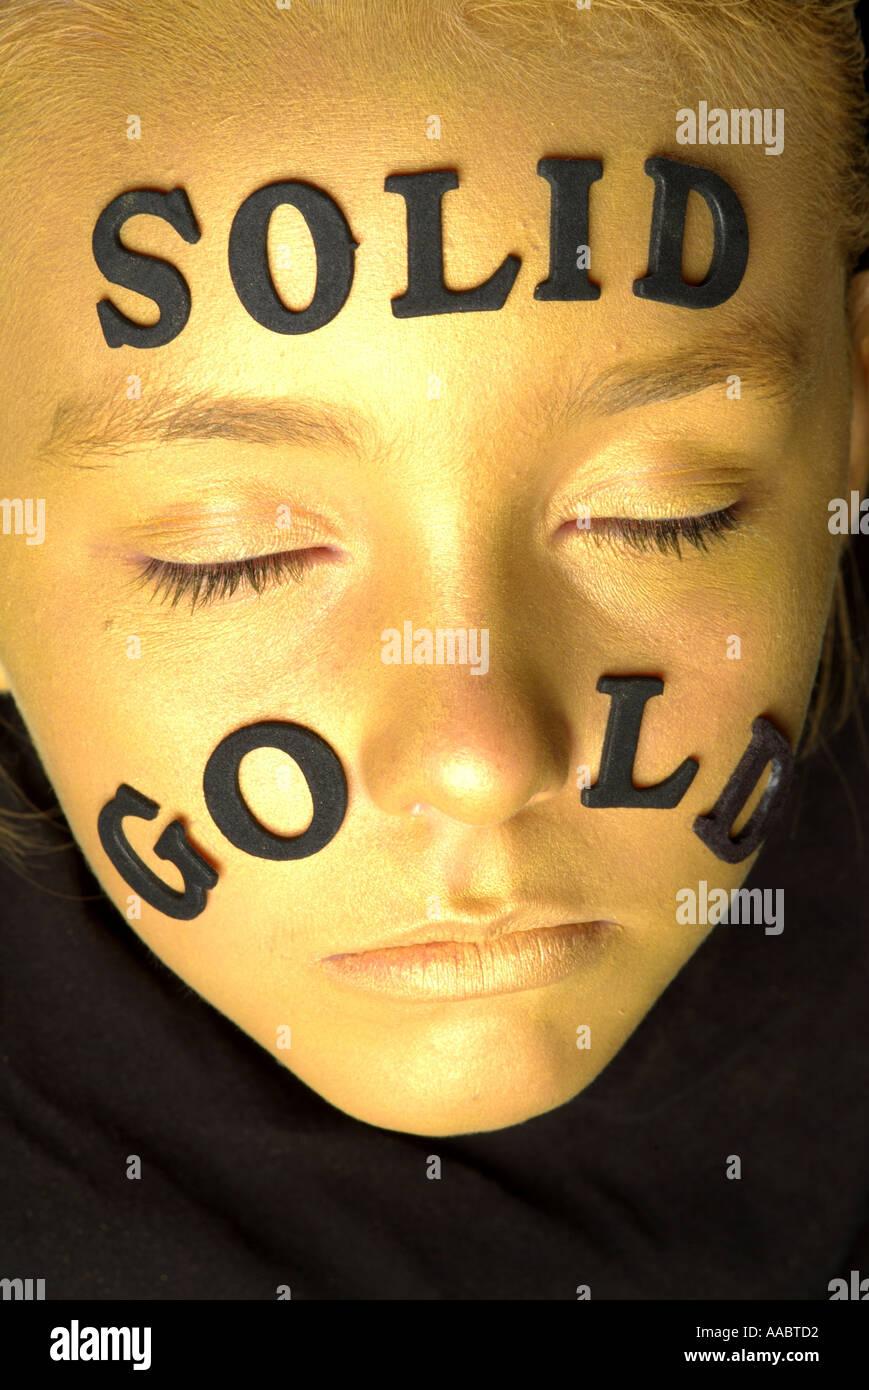 Oro viso della bambina con la scritta in oro massiccio colpo da sopra con gli occhi chiusi Immagini Stock